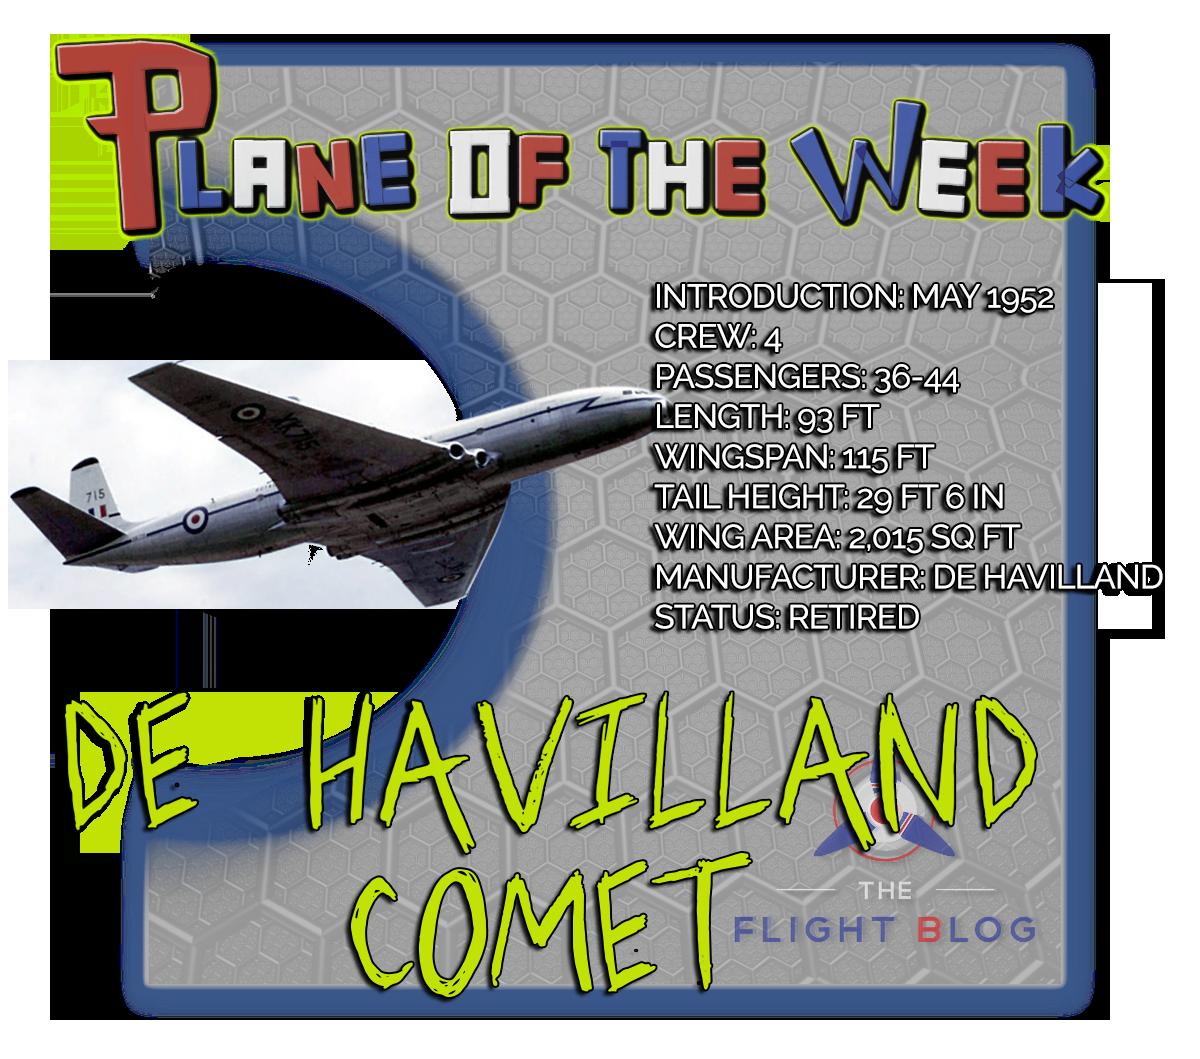 de Havilland Comet, comet plane specs, first jet, first commercial jet